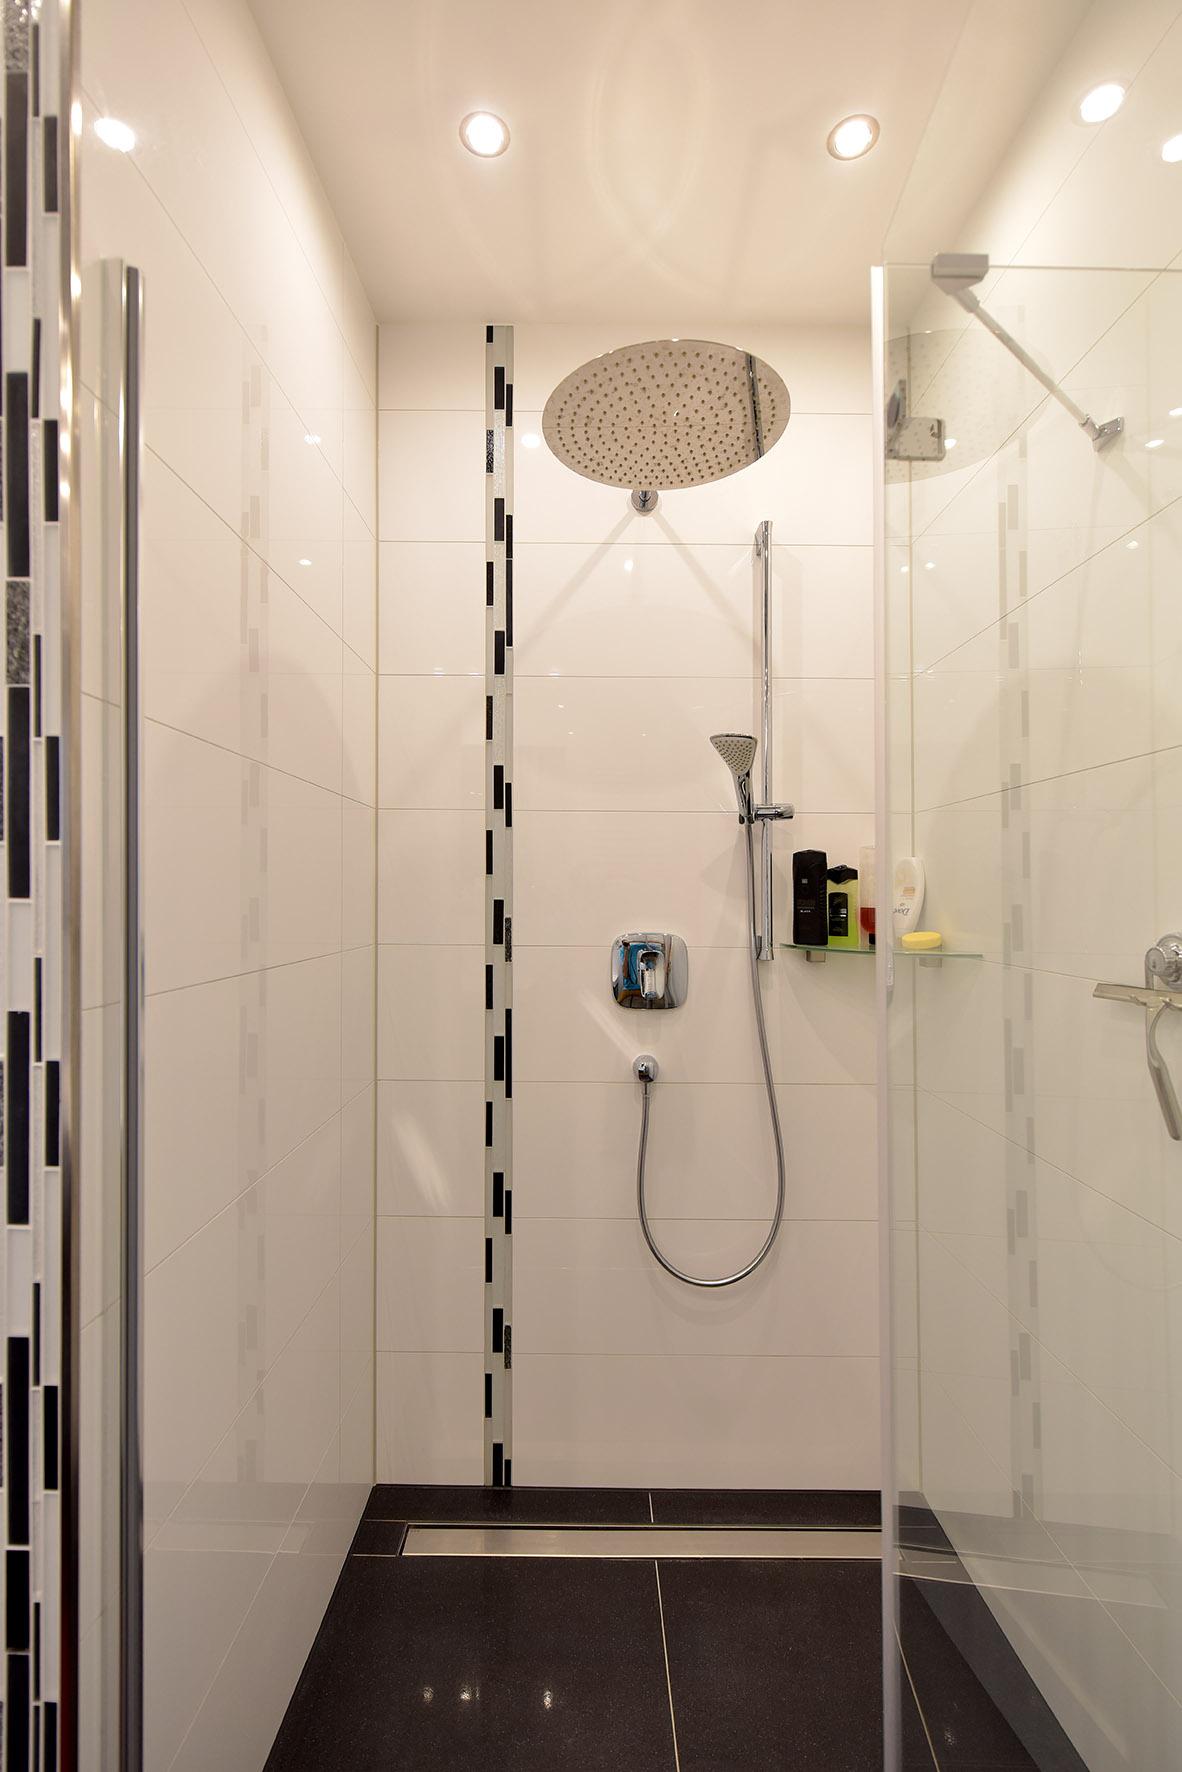 bodentiefe Dusche mit Edelstahlrinne.jpg